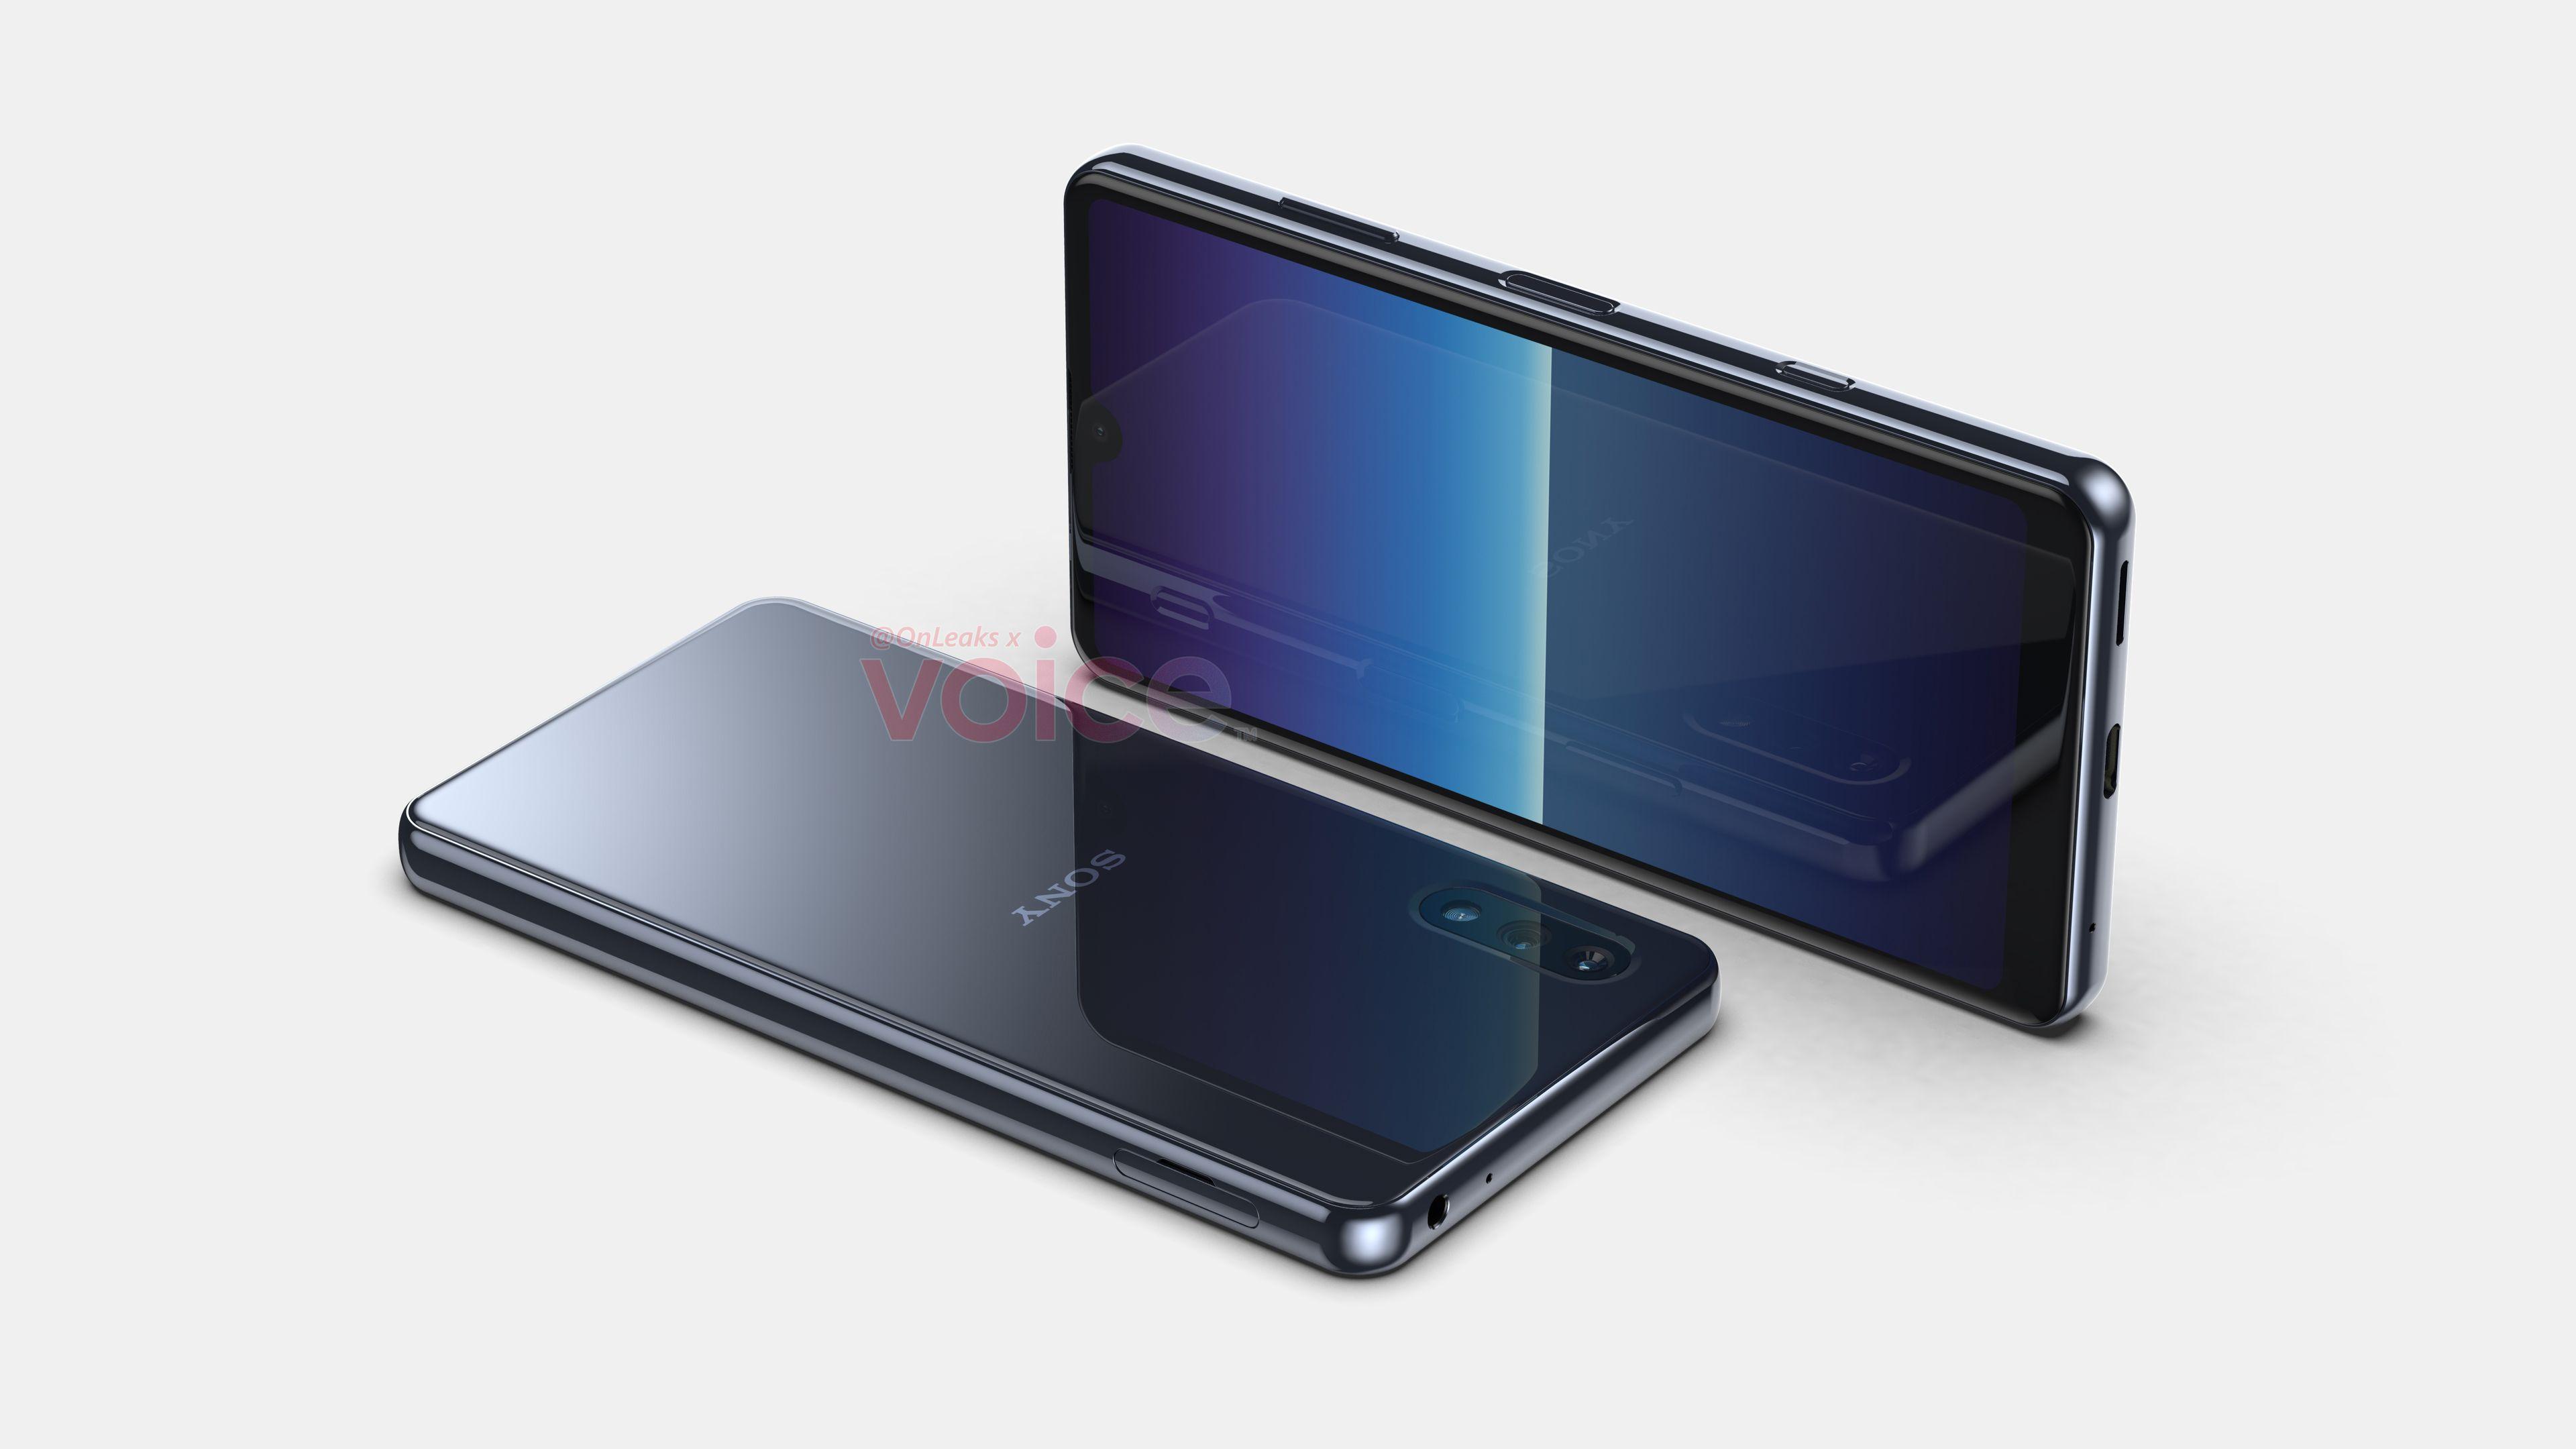 Primer vistazo del Sony Xperia Compact: ¿Rival del iPhone 12 mini?